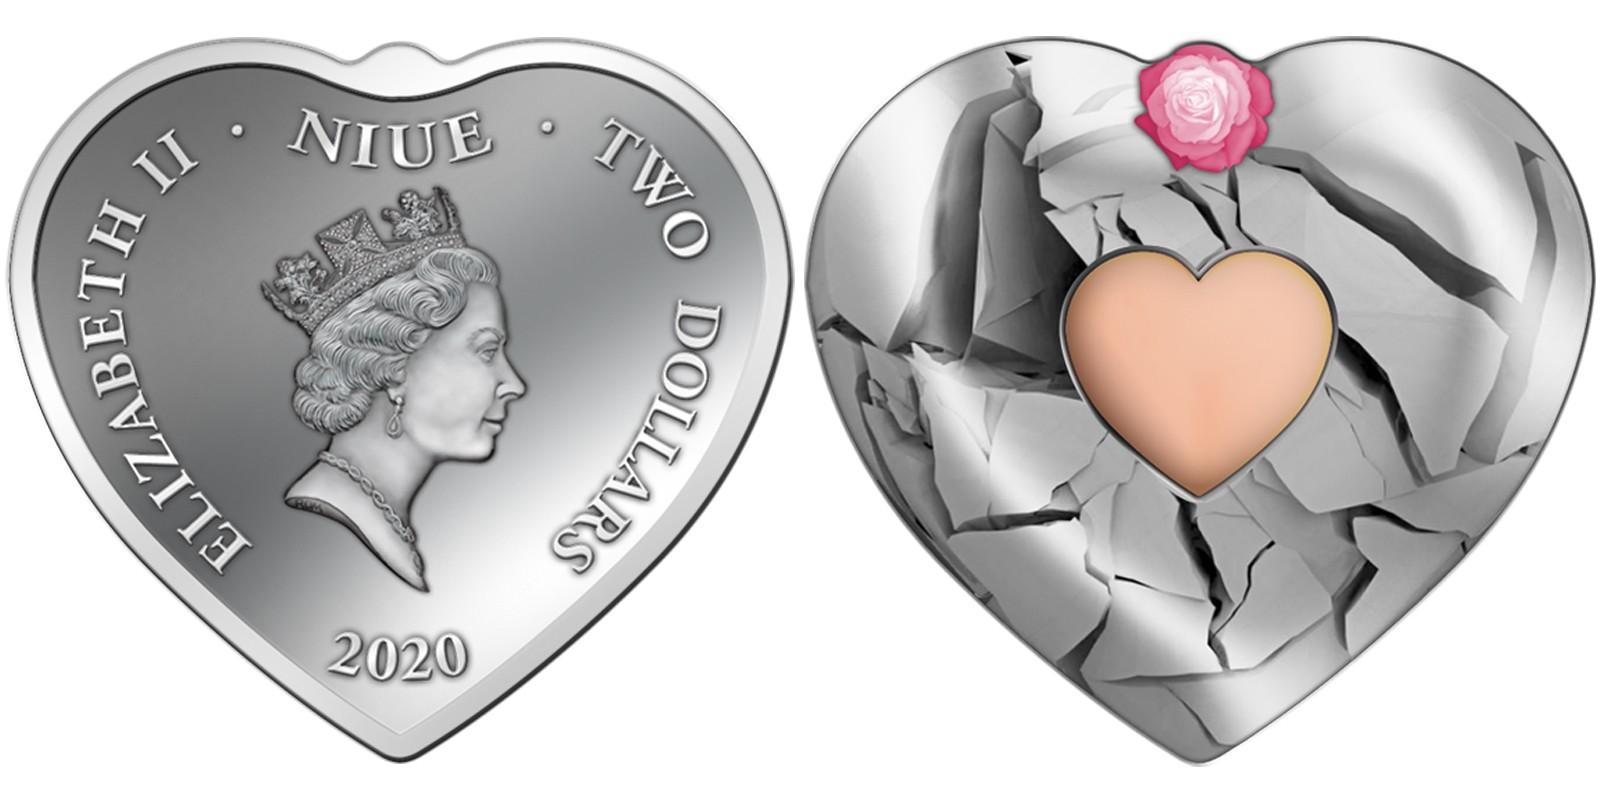 niue-2020-coeur-dans-le-coeur